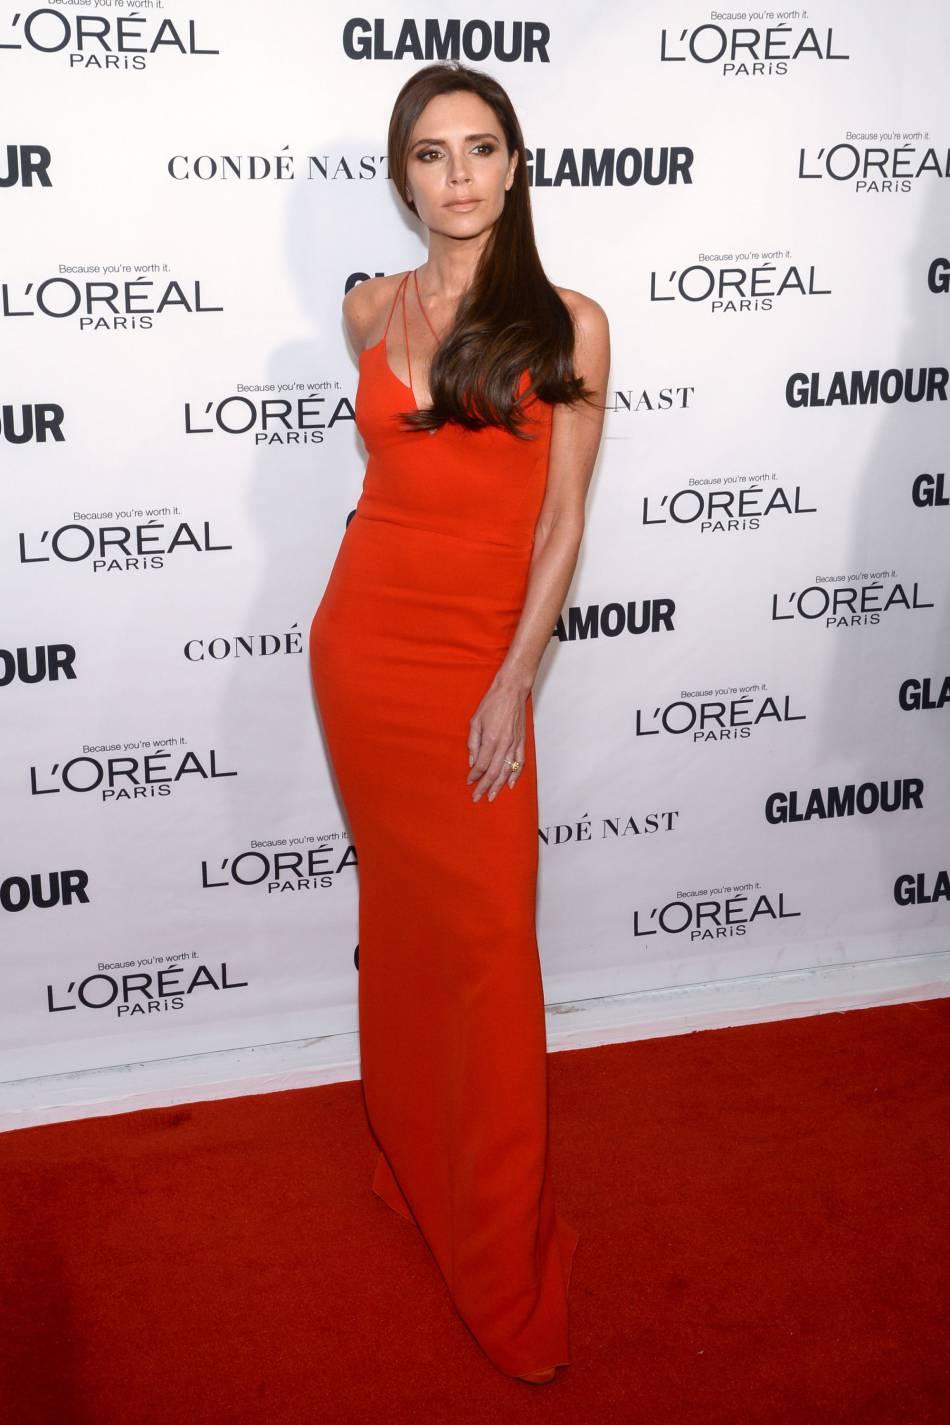 Victoria Beckham habillée en Victoria Beckham aux Glamour Awards le 9 novembre 2015 à New York.